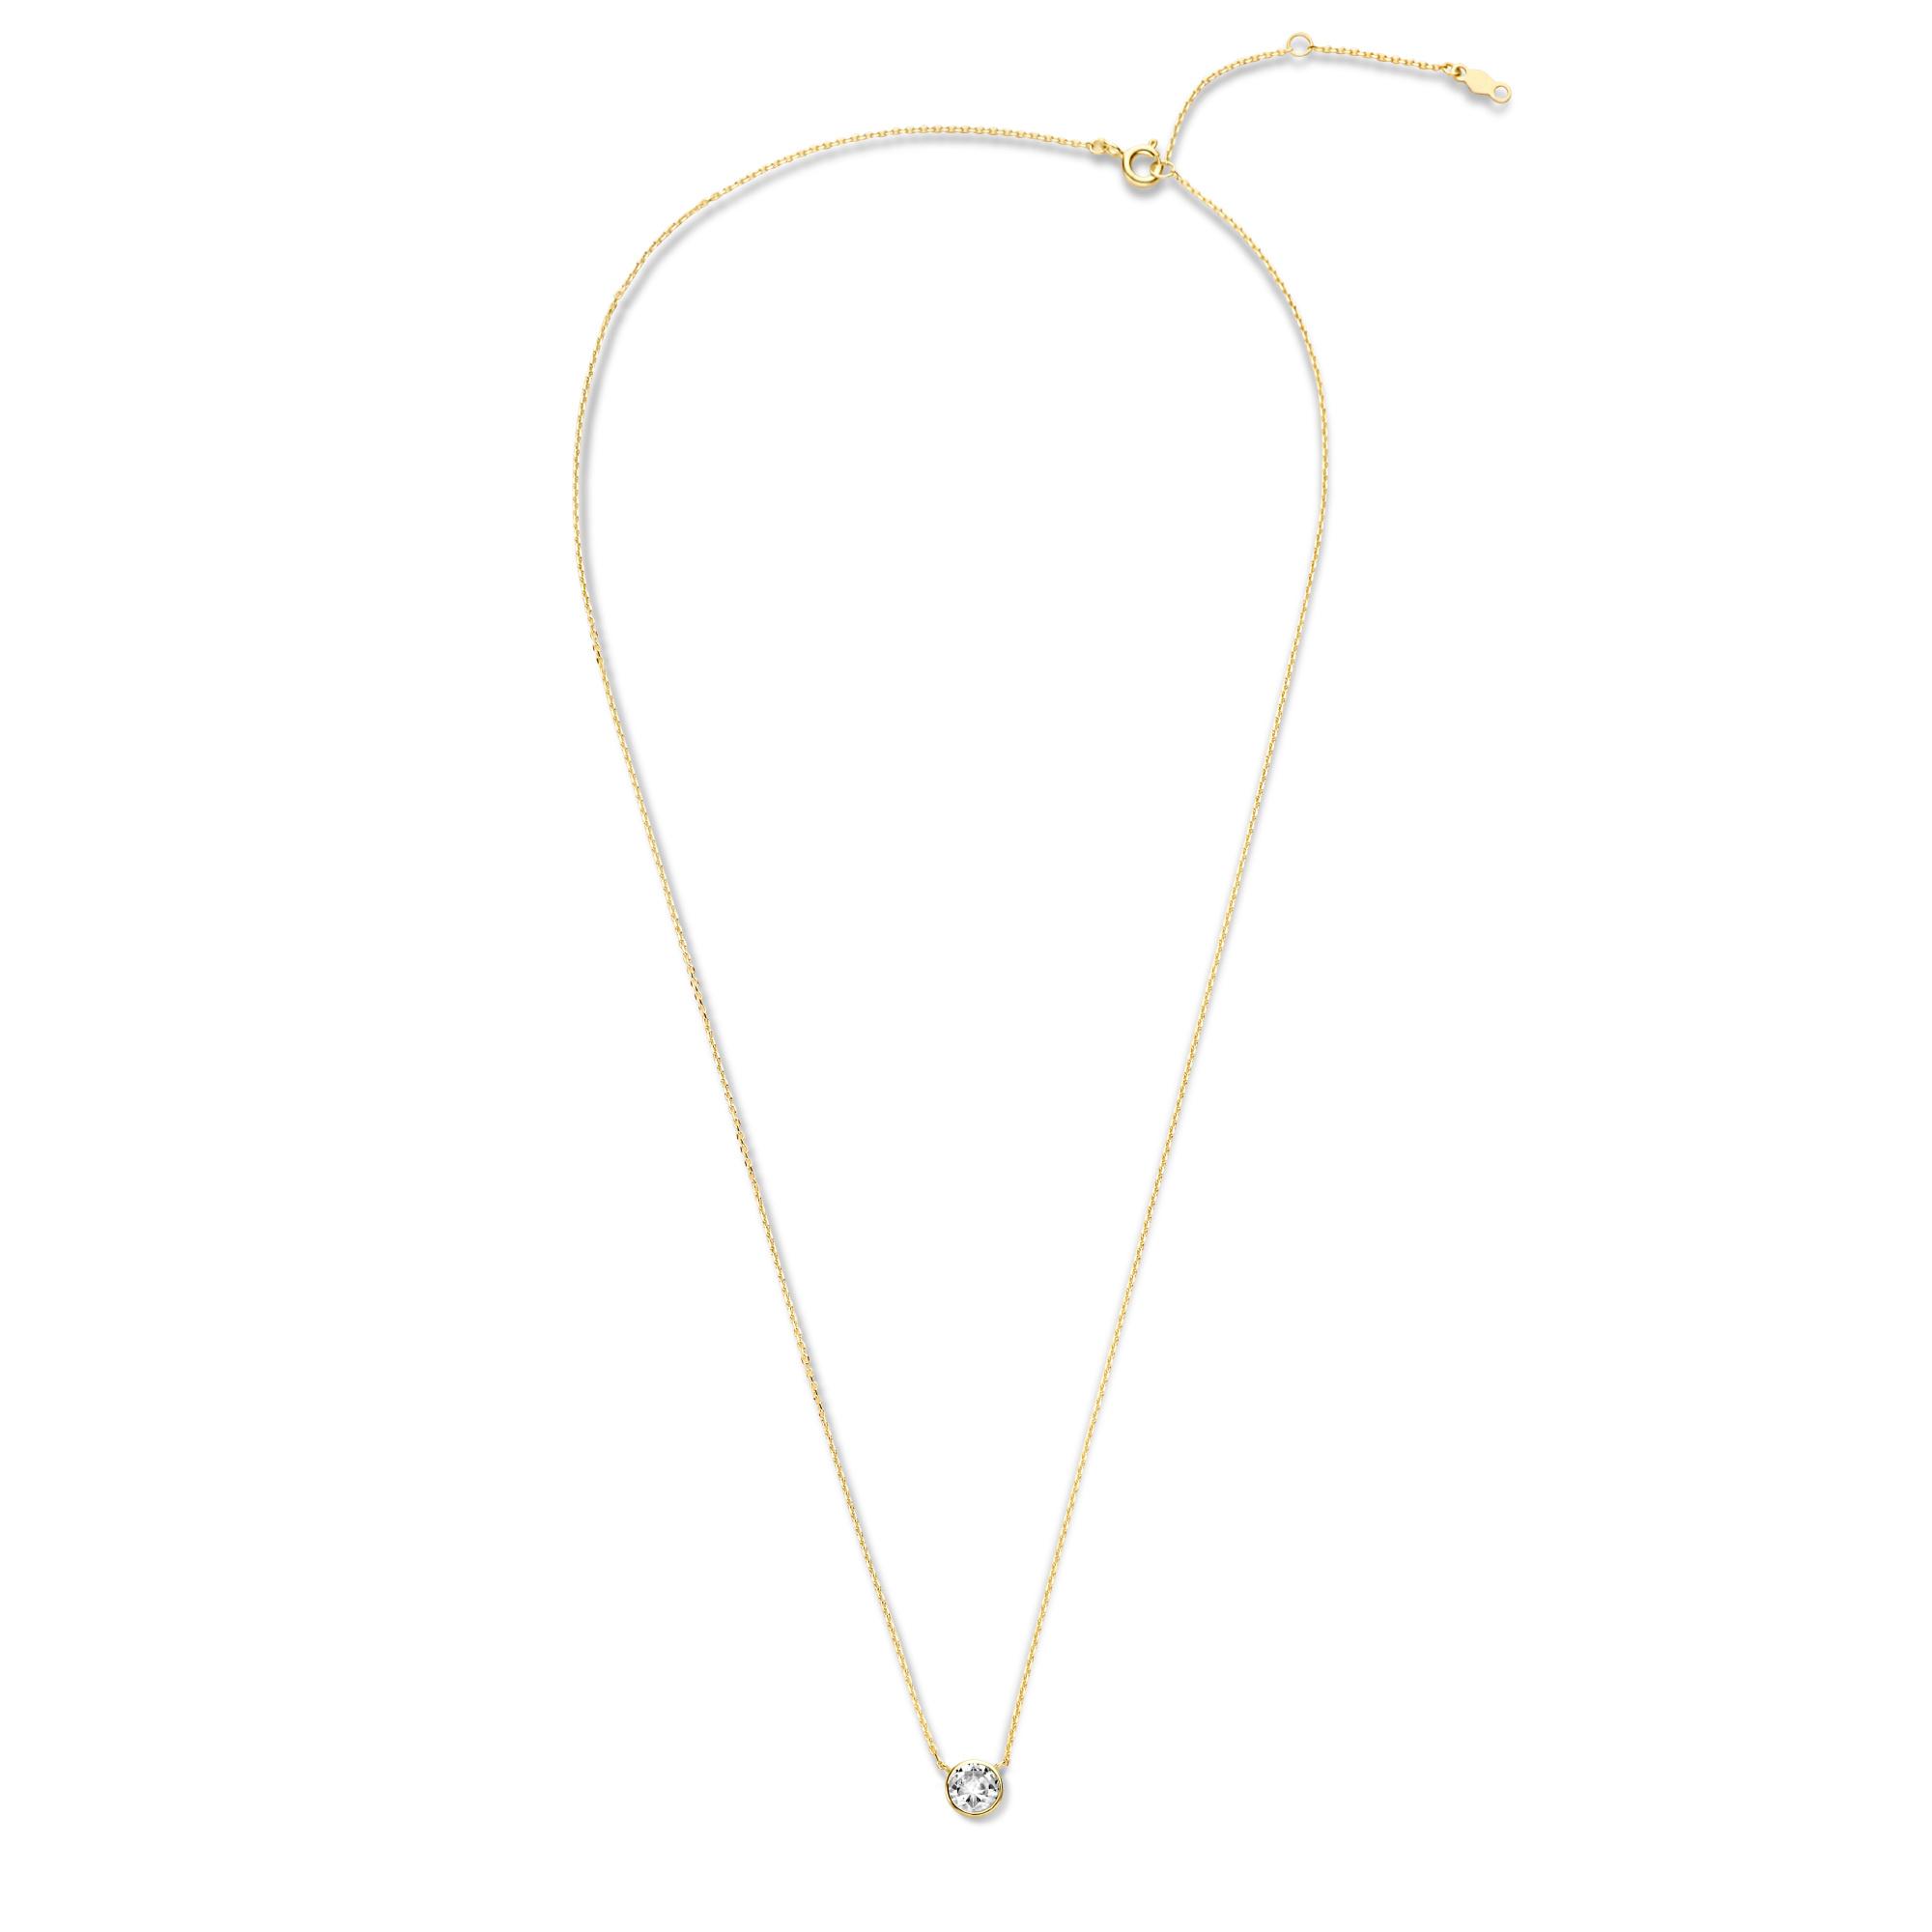 Violet Hamden Venus collana color oro in argento sterling 925 con birthstone